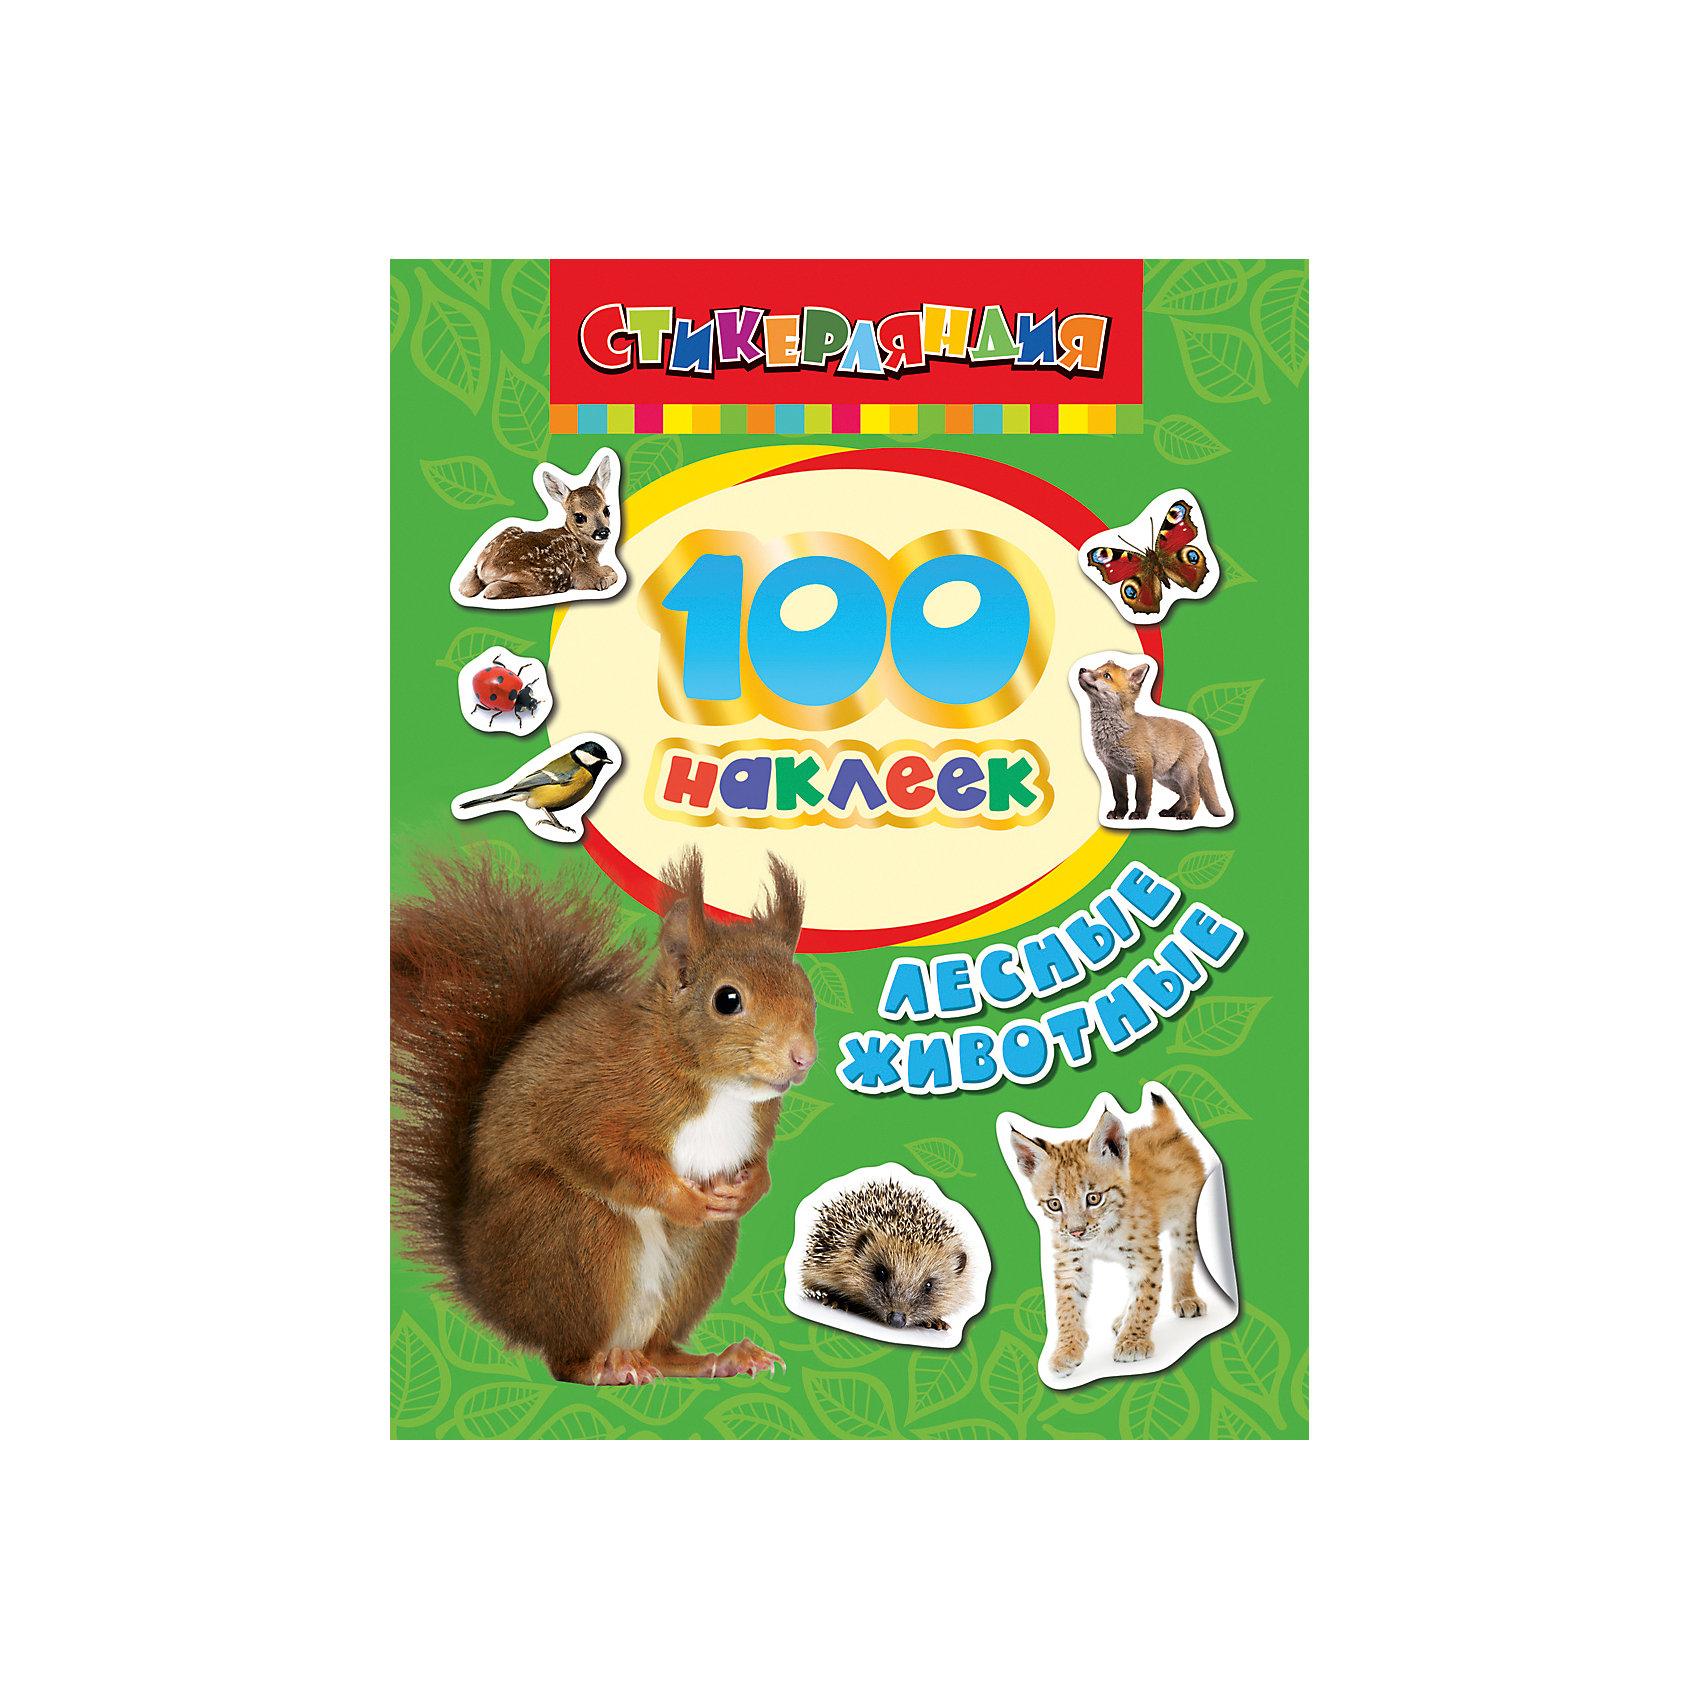 100 наклеек Лесные животныеАльбом 100 наклеек. Лесные животные станет приятным сюрпризом для Вашего ребенка. В альбоме содержится 100 тематических наклеек с красочными изображениями симпатичных лесных обитателей. Они прекрасно подойдут для украшения рисунков, открыток, различных предметов и игрушек.<br><br>Дополнительная информация:<br><br>- Обложка: мягкая.<br>- Иллюстрации: цветные.<br>- Объем: 8 стр.<br>- Размер: 20 х 15 х 0,2 см.<br>- Вес: 36 гр.<br><br>100 наклеек. Лесные животные, Росмэн, можно купить в нашем интернет-магазине.<br><br>Ширина мм: 200<br>Глубина мм: 150<br>Высота мм: 2<br>Вес г: 36<br>Возраст от месяцев: 0<br>Возраст до месяцев: 72<br>Пол: Унисекс<br>Возраст: Детский<br>SKU: 4408717